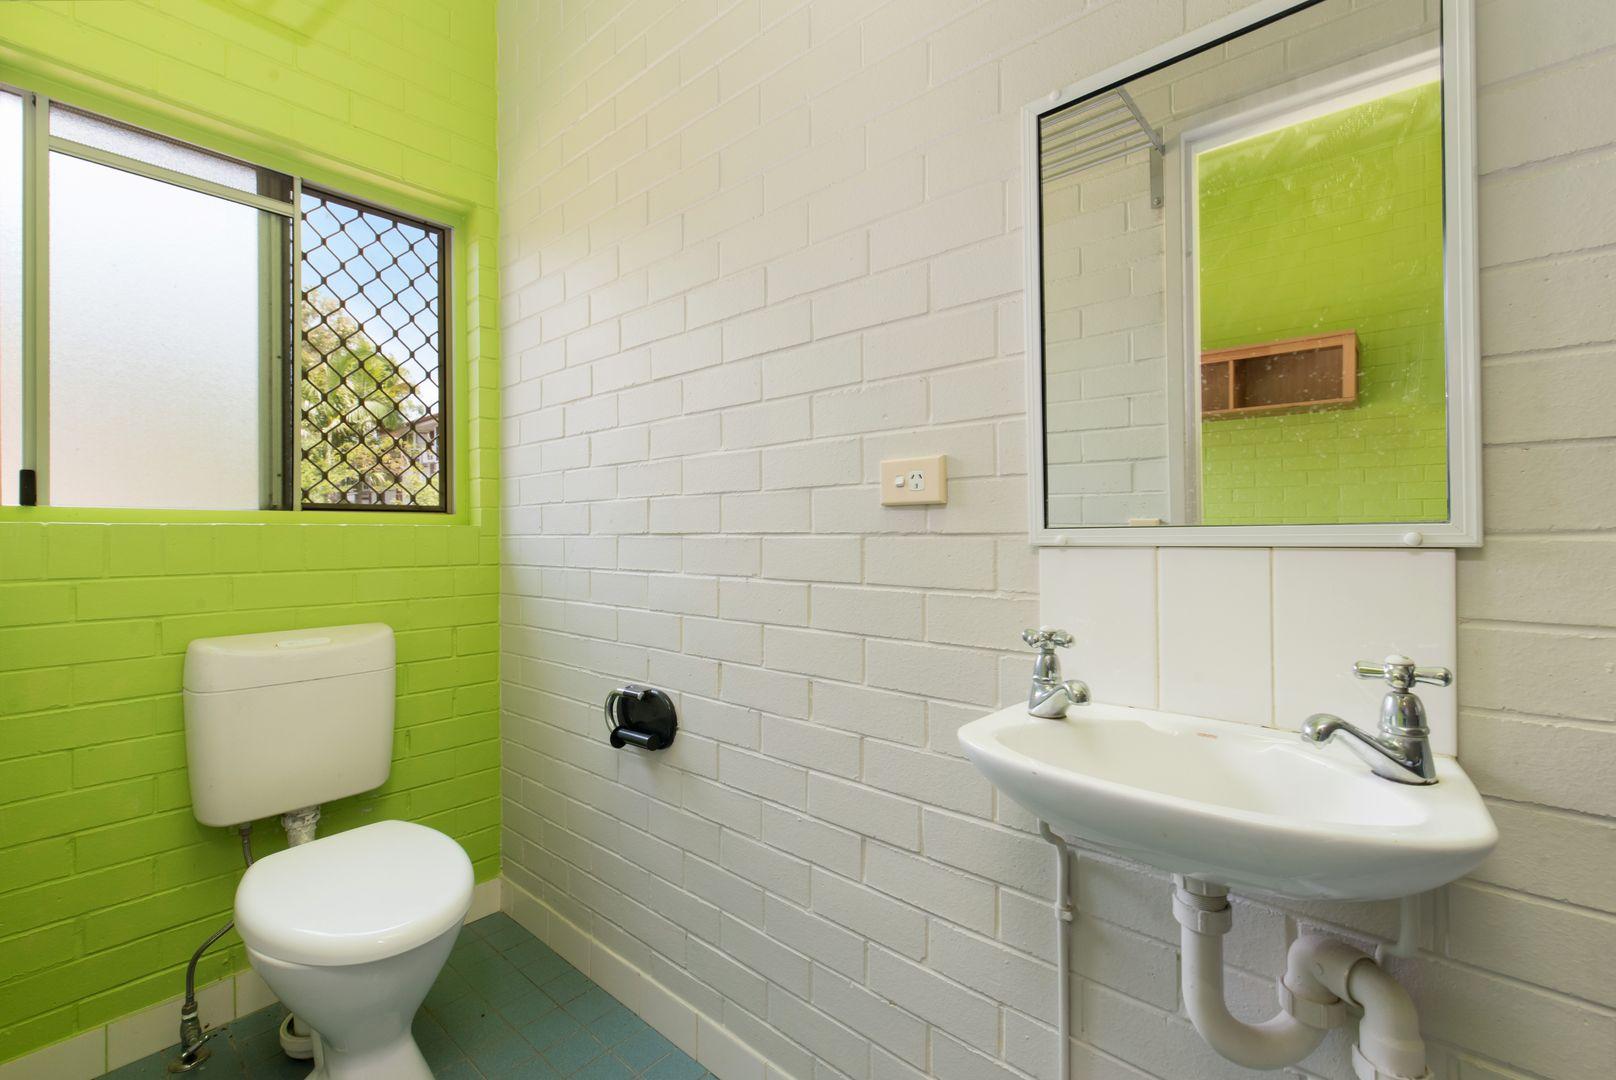 2/110 Klumpp Road, Upper Mount Gravatt QLD 4122, Image 2